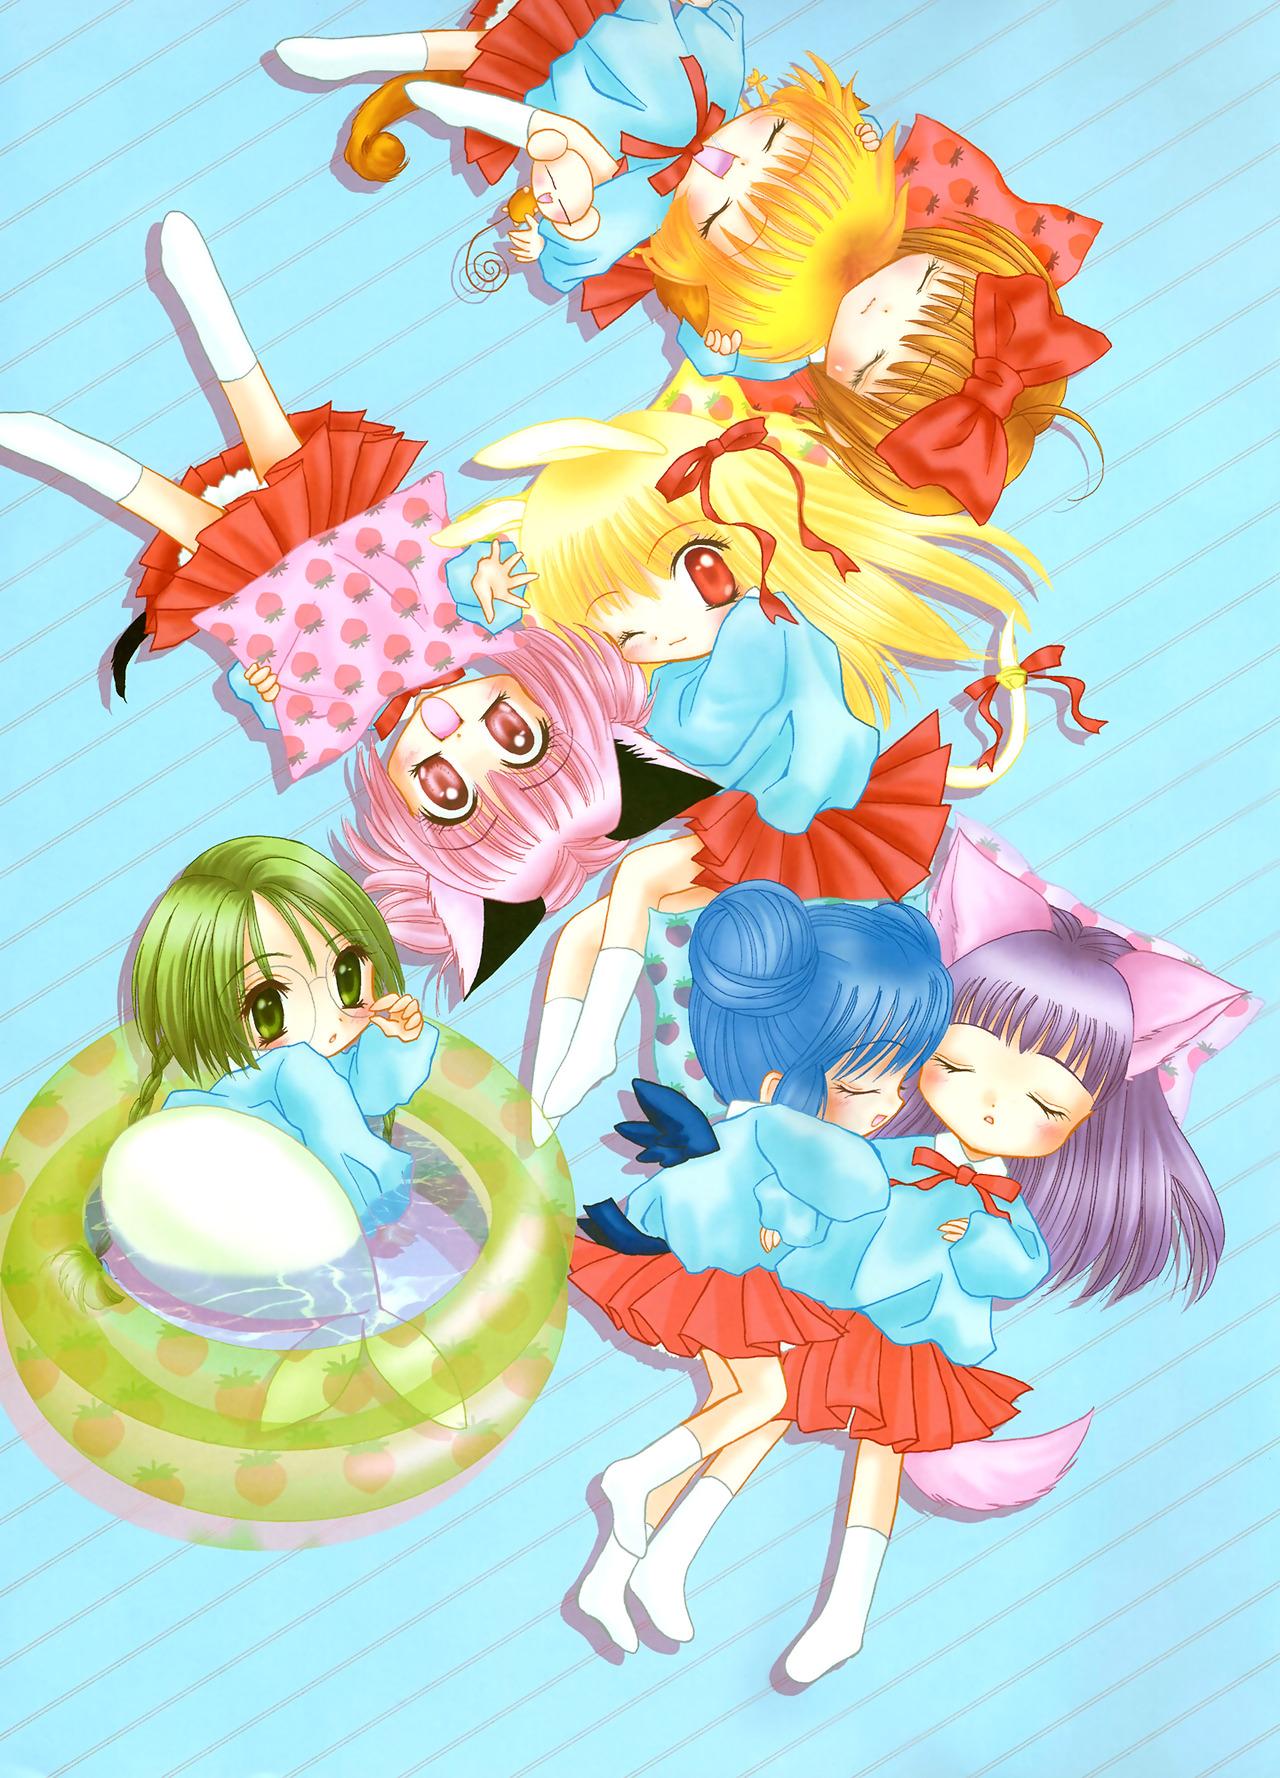 Petite Mew Mew Tokyo Mew Mew Wiki Fandom Powered By Wikia